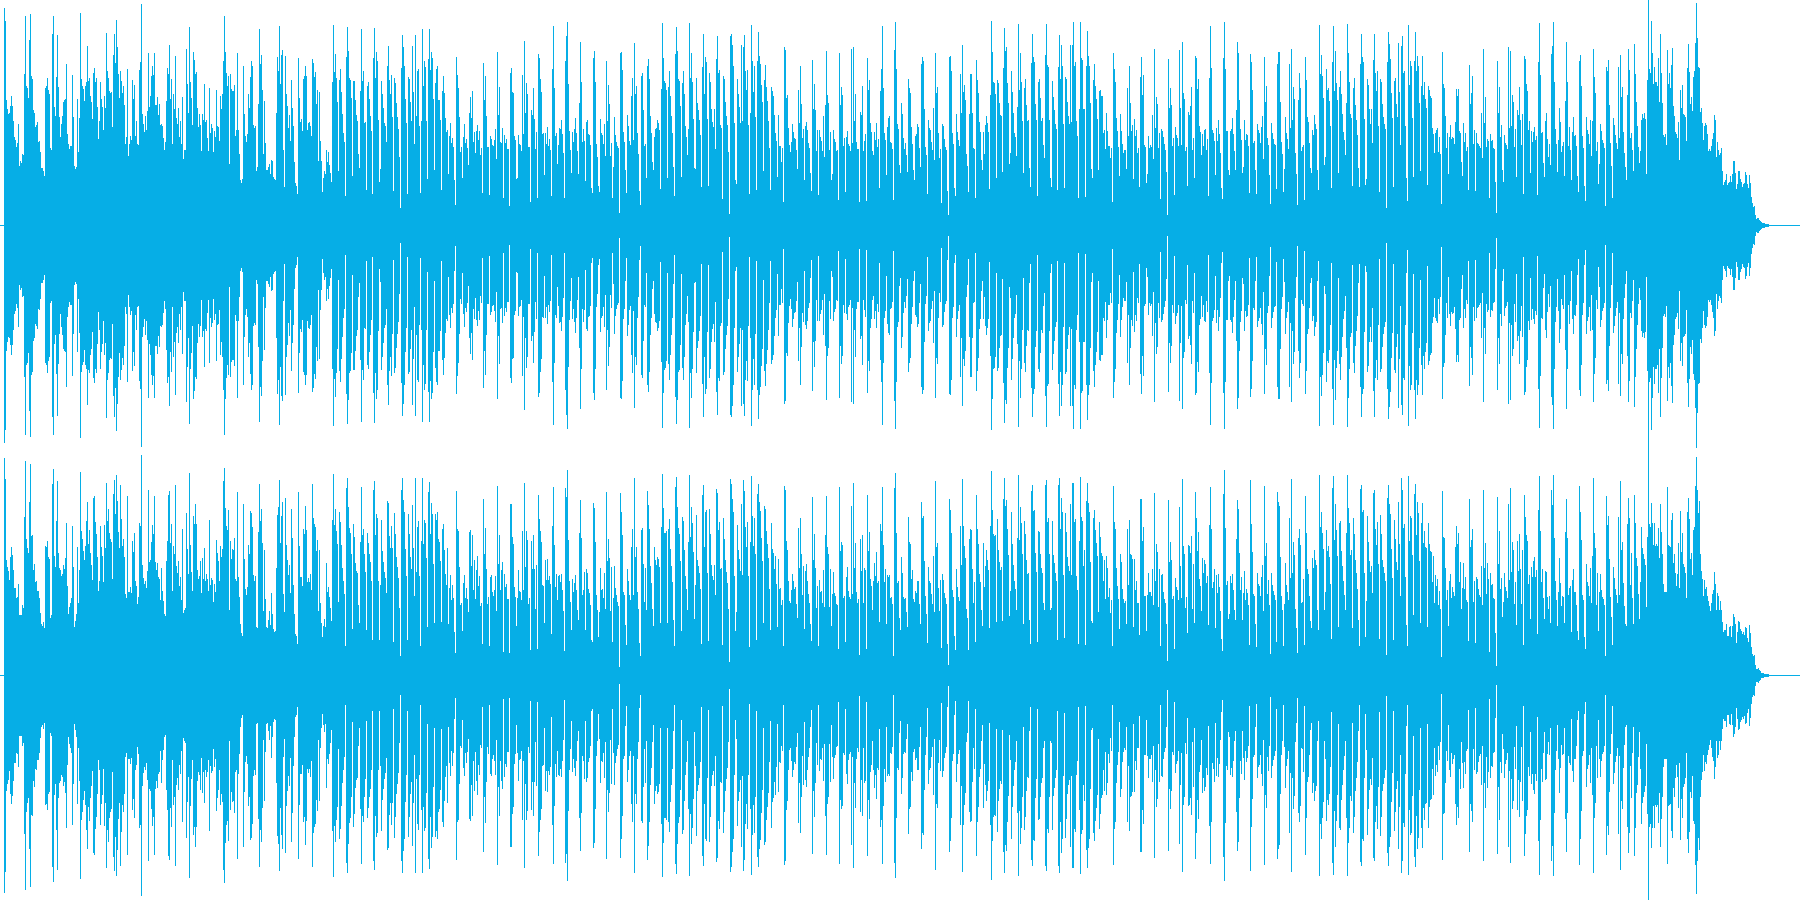 瑞々しさを感じるシンセポップスの再生済みの波形